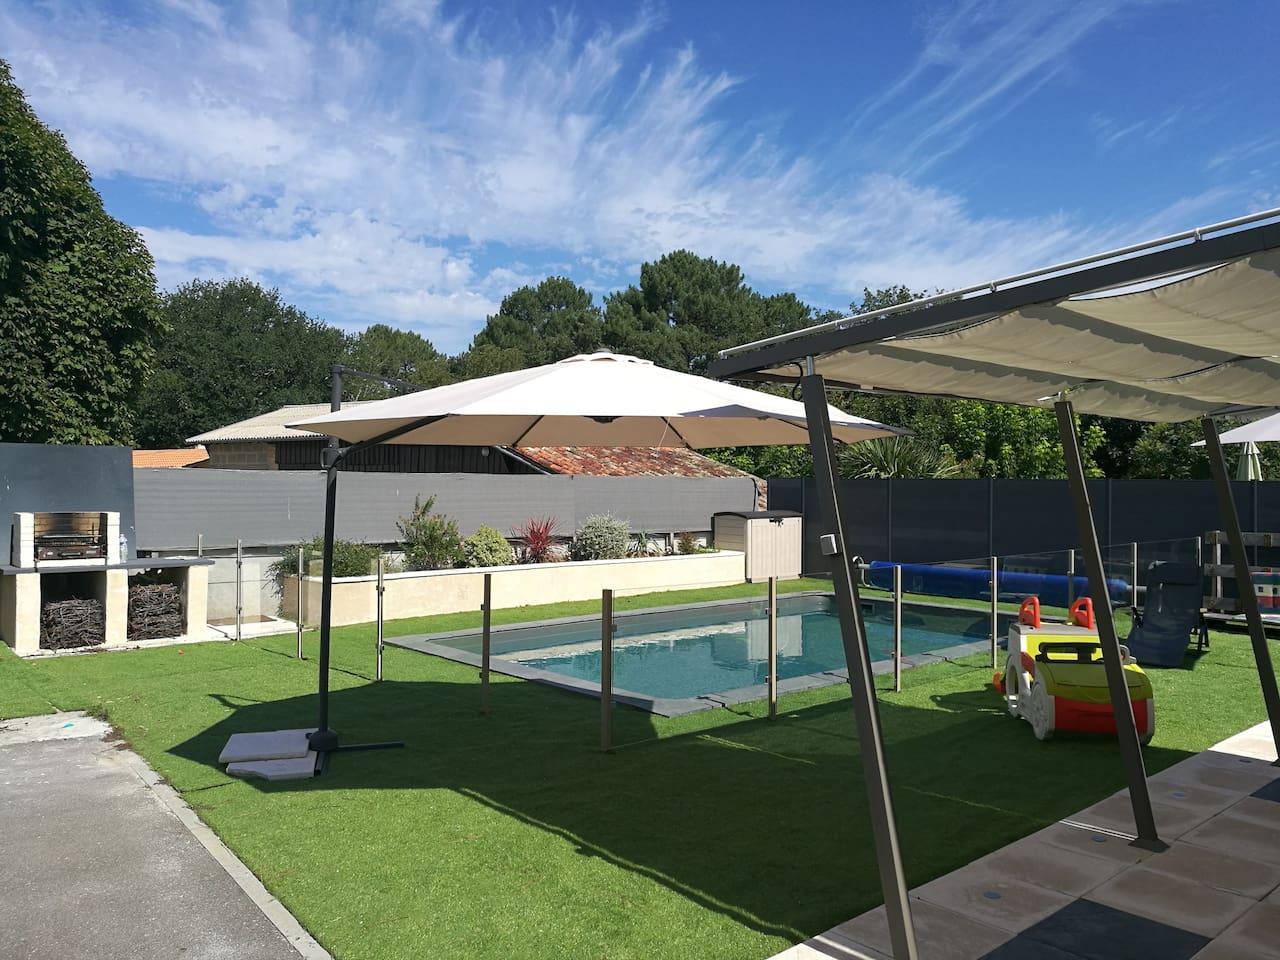 Bel environnement avec piscine et jardin aménagé